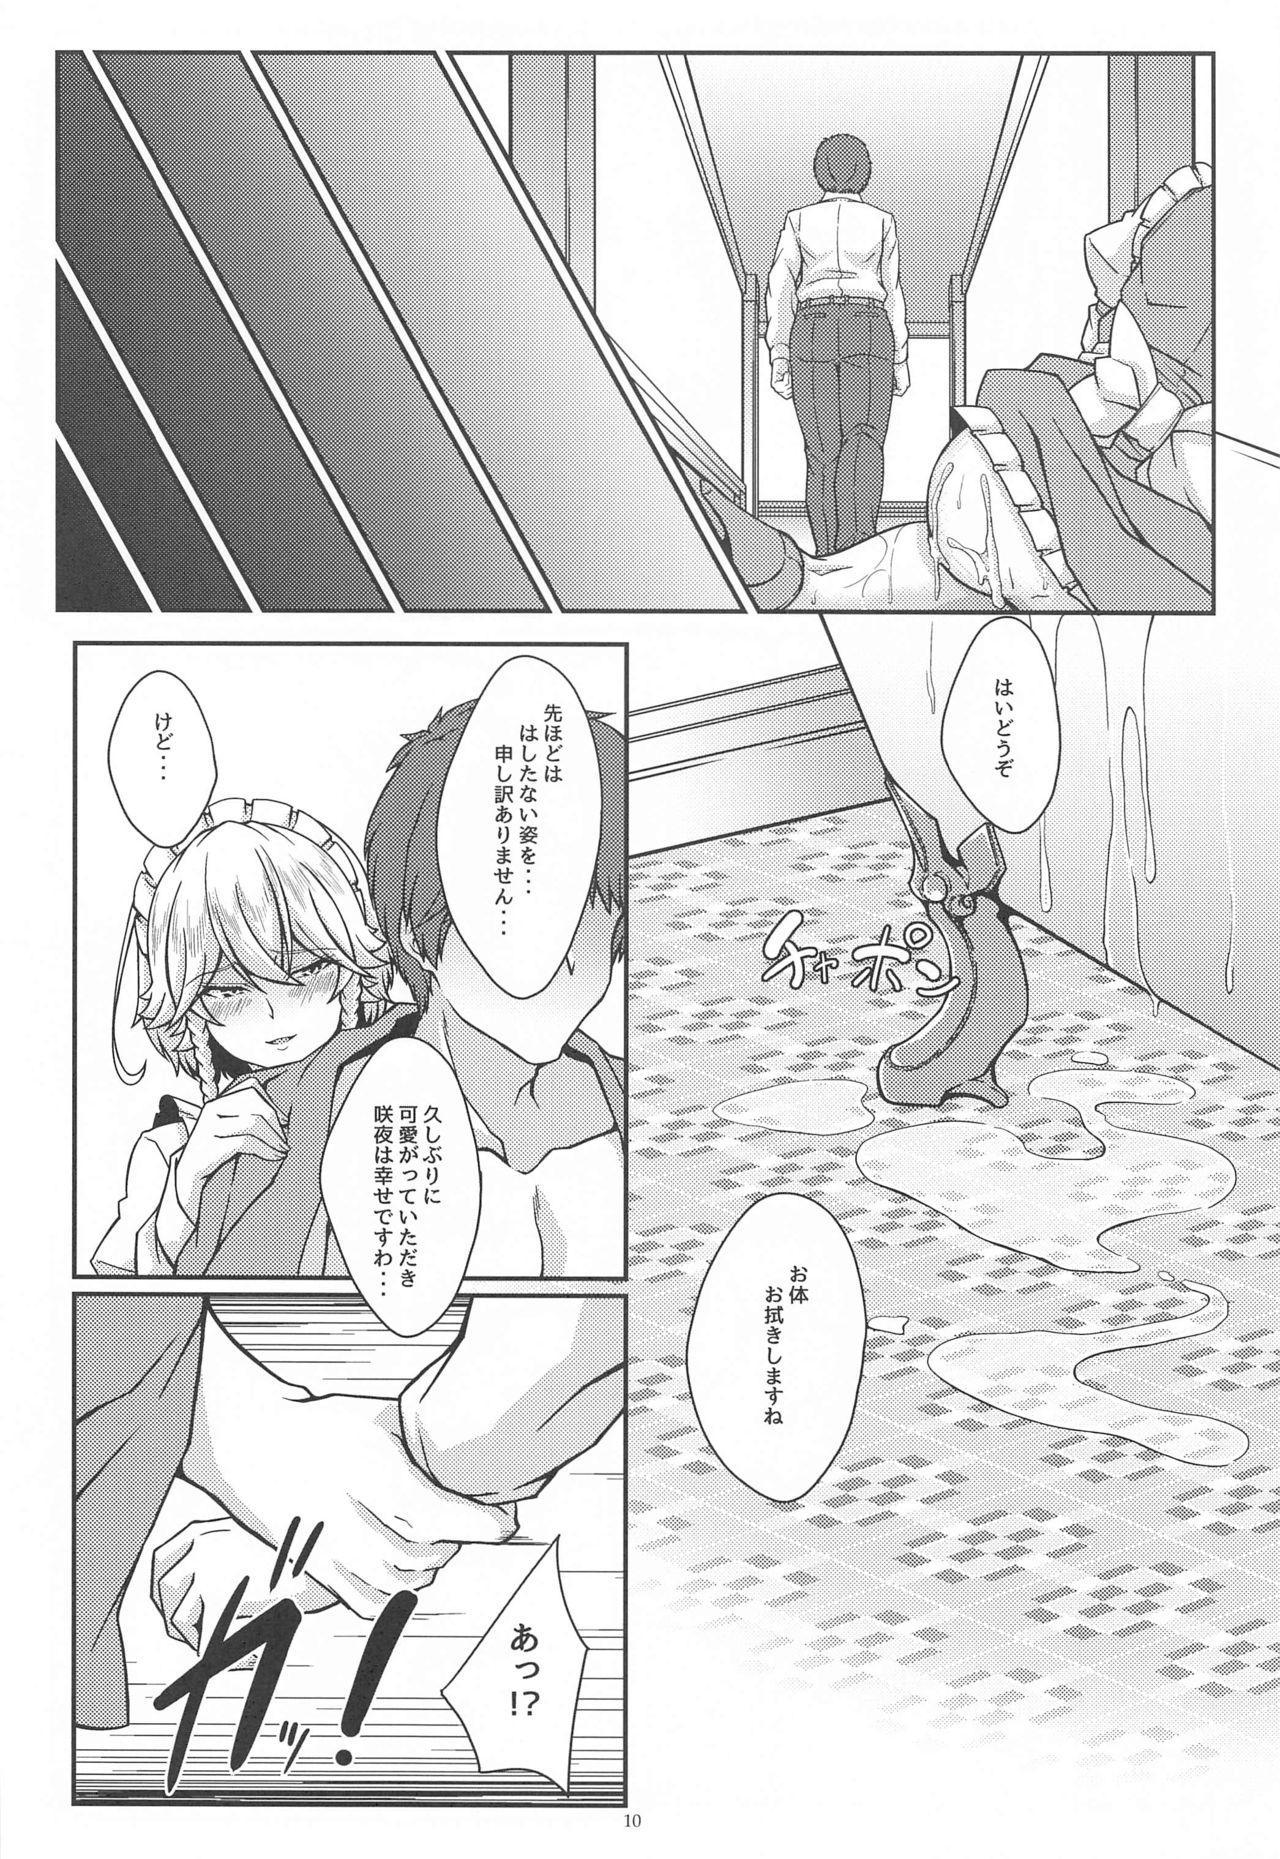 Sakuya to Iu Na no Maid-san 8